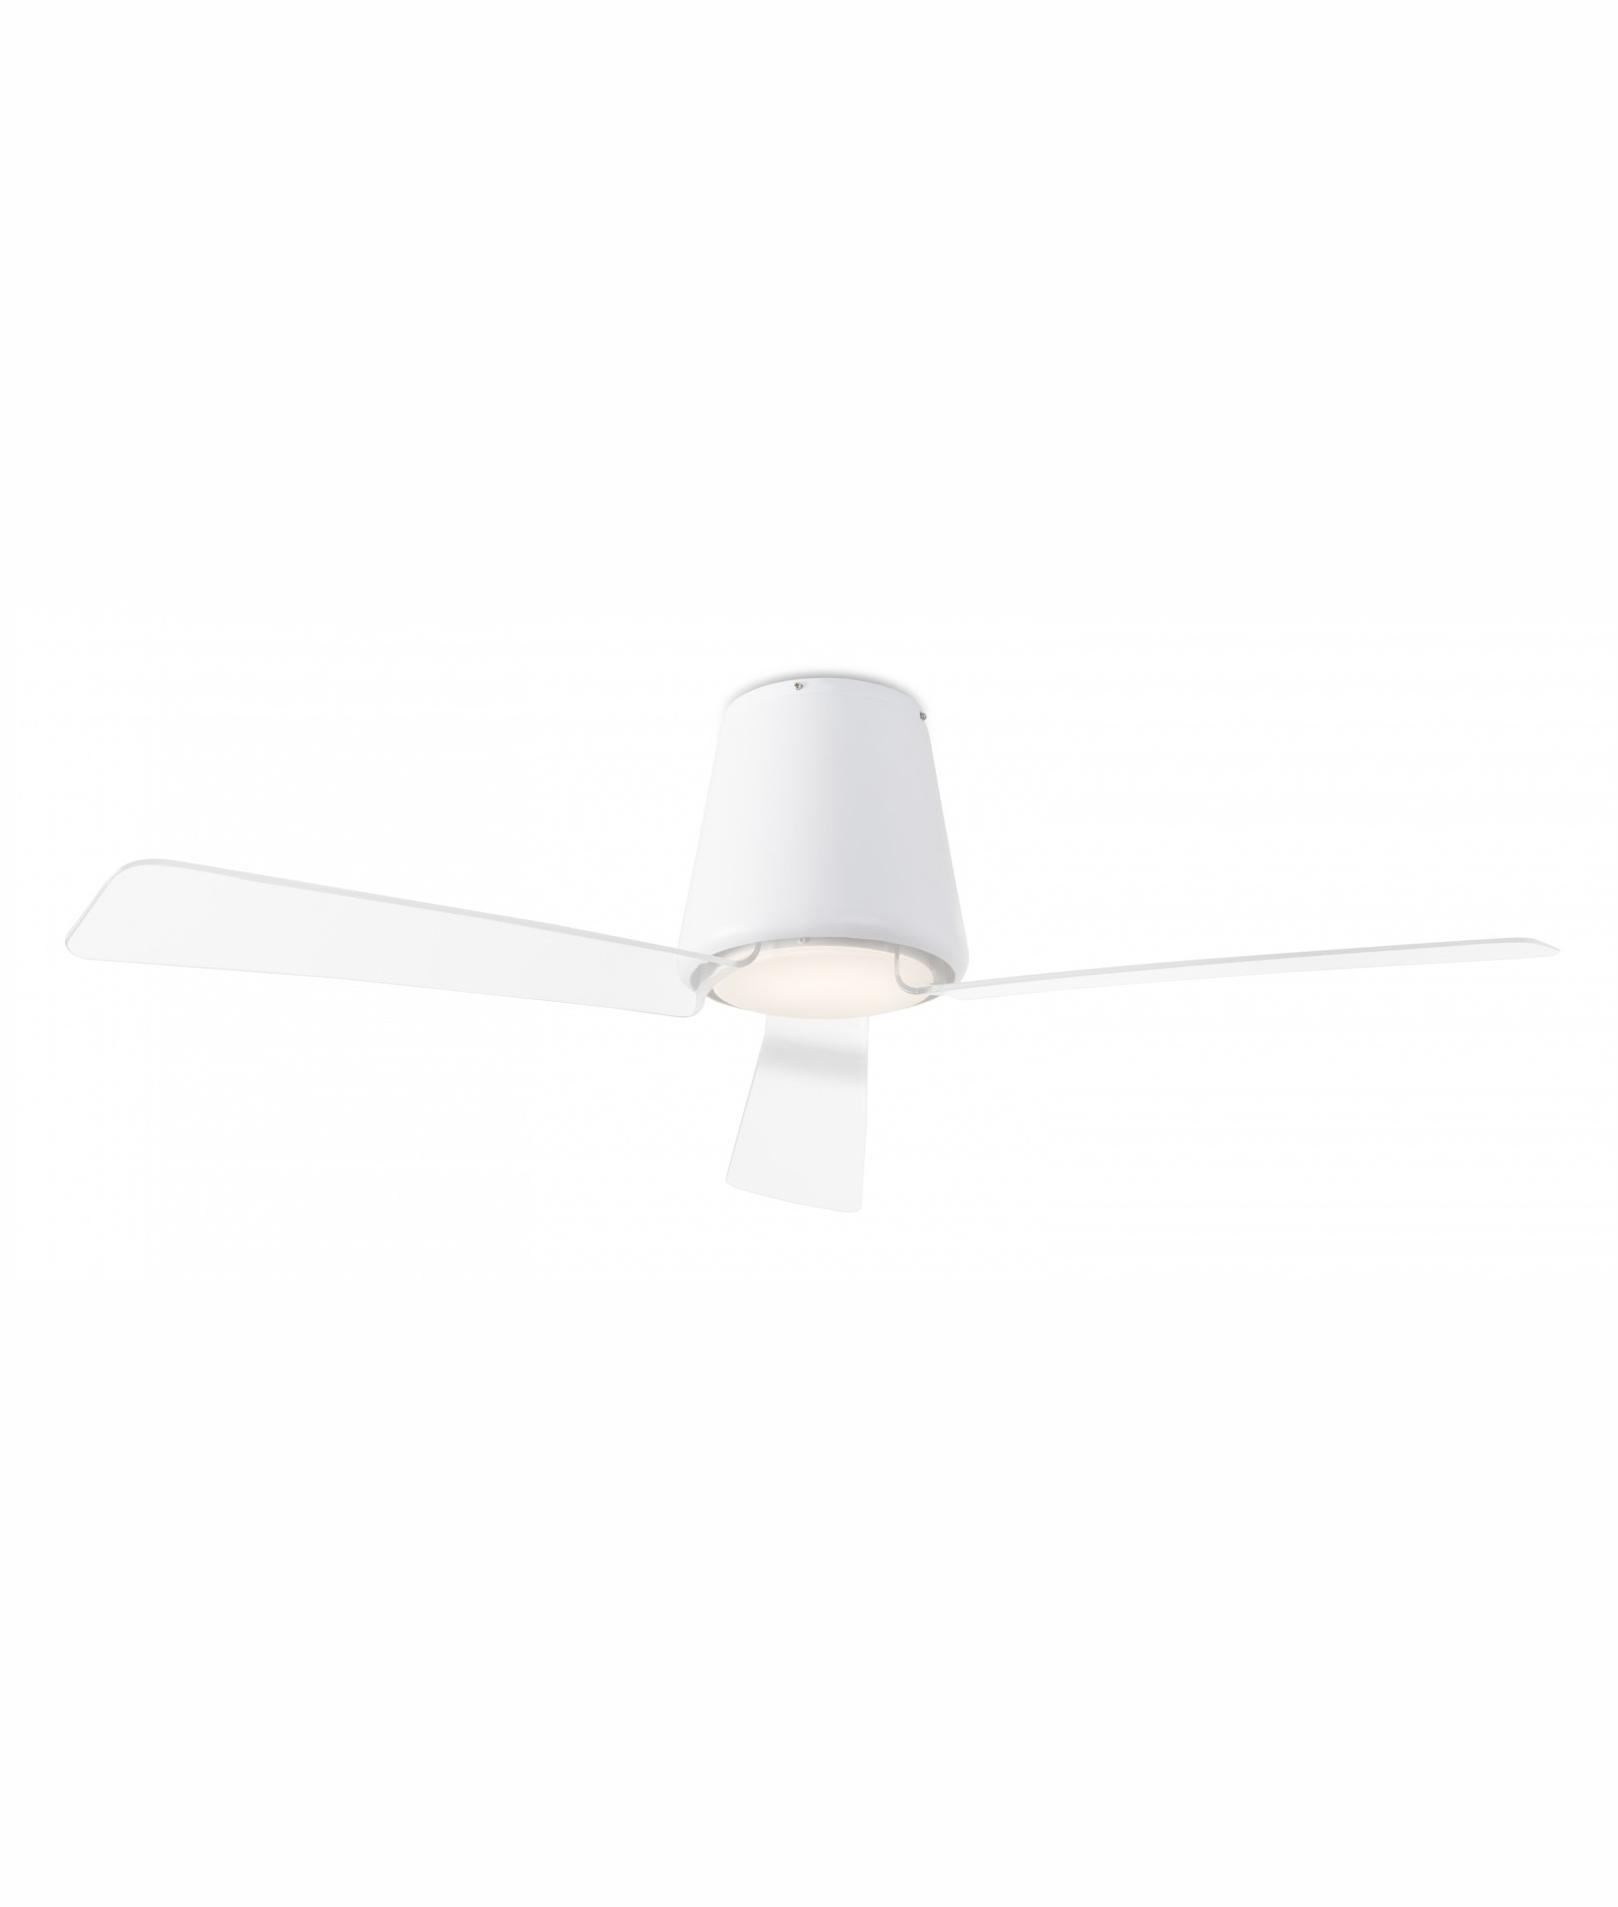 Outdoor LED Ceiling Fan